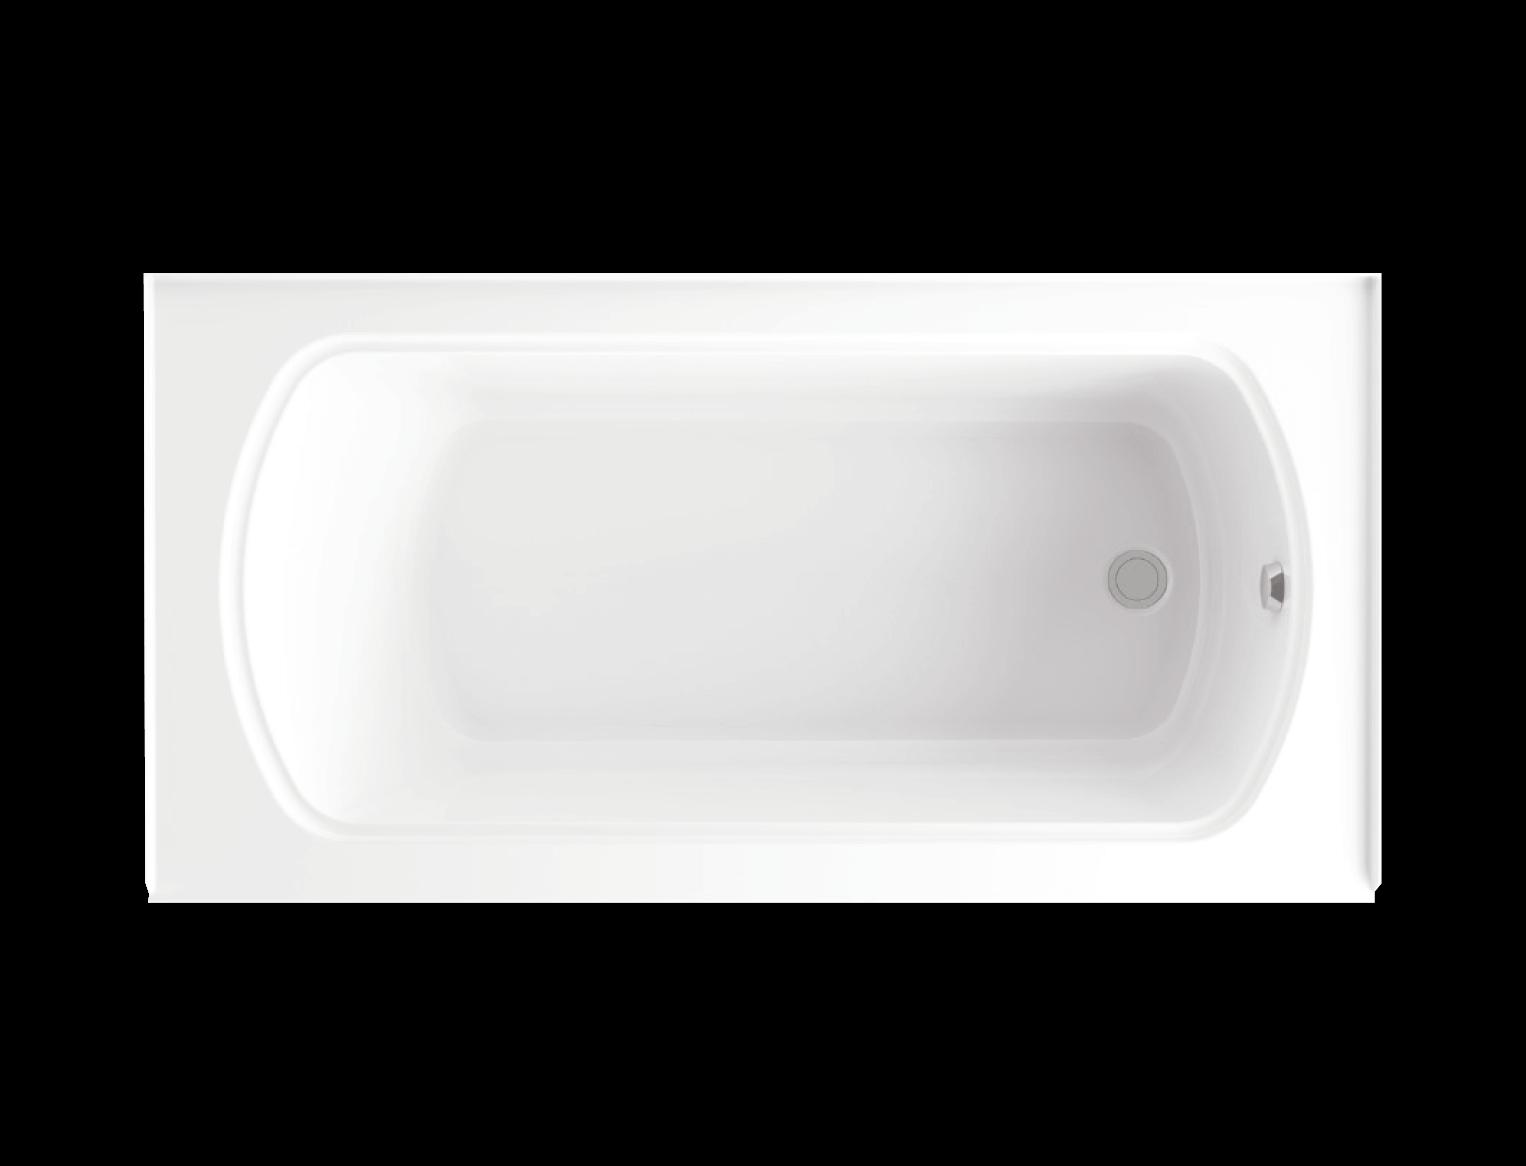 Bainultra Meridian® DUO alcove air jet bathtub for your modern bathroom